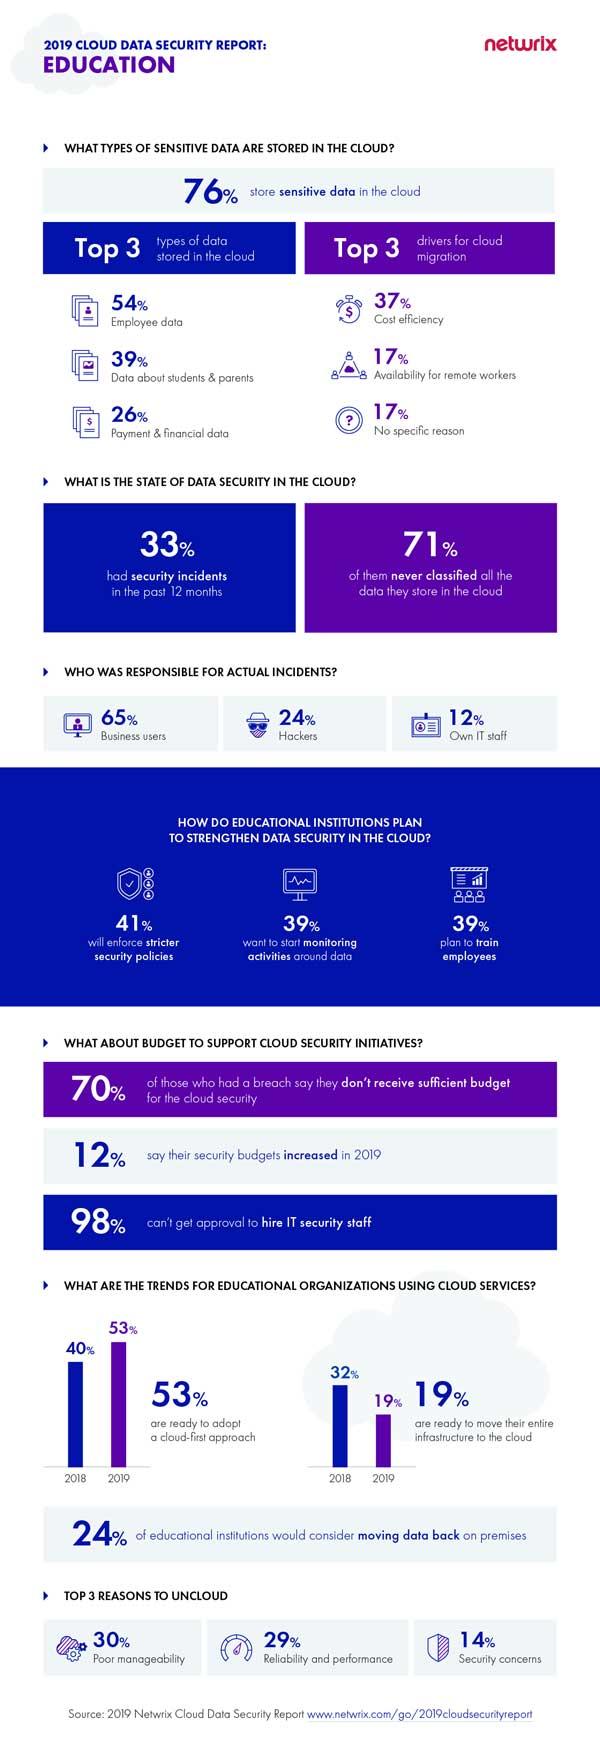 La edición del informe de Netwrix se resume en esta infografía que ofrece una perspectiva sobre los datos que las instituciones educativas almacenan en la nube, el estado de la seguridad y los planes en cuanto a una mayor adopción de la tecnología cloud